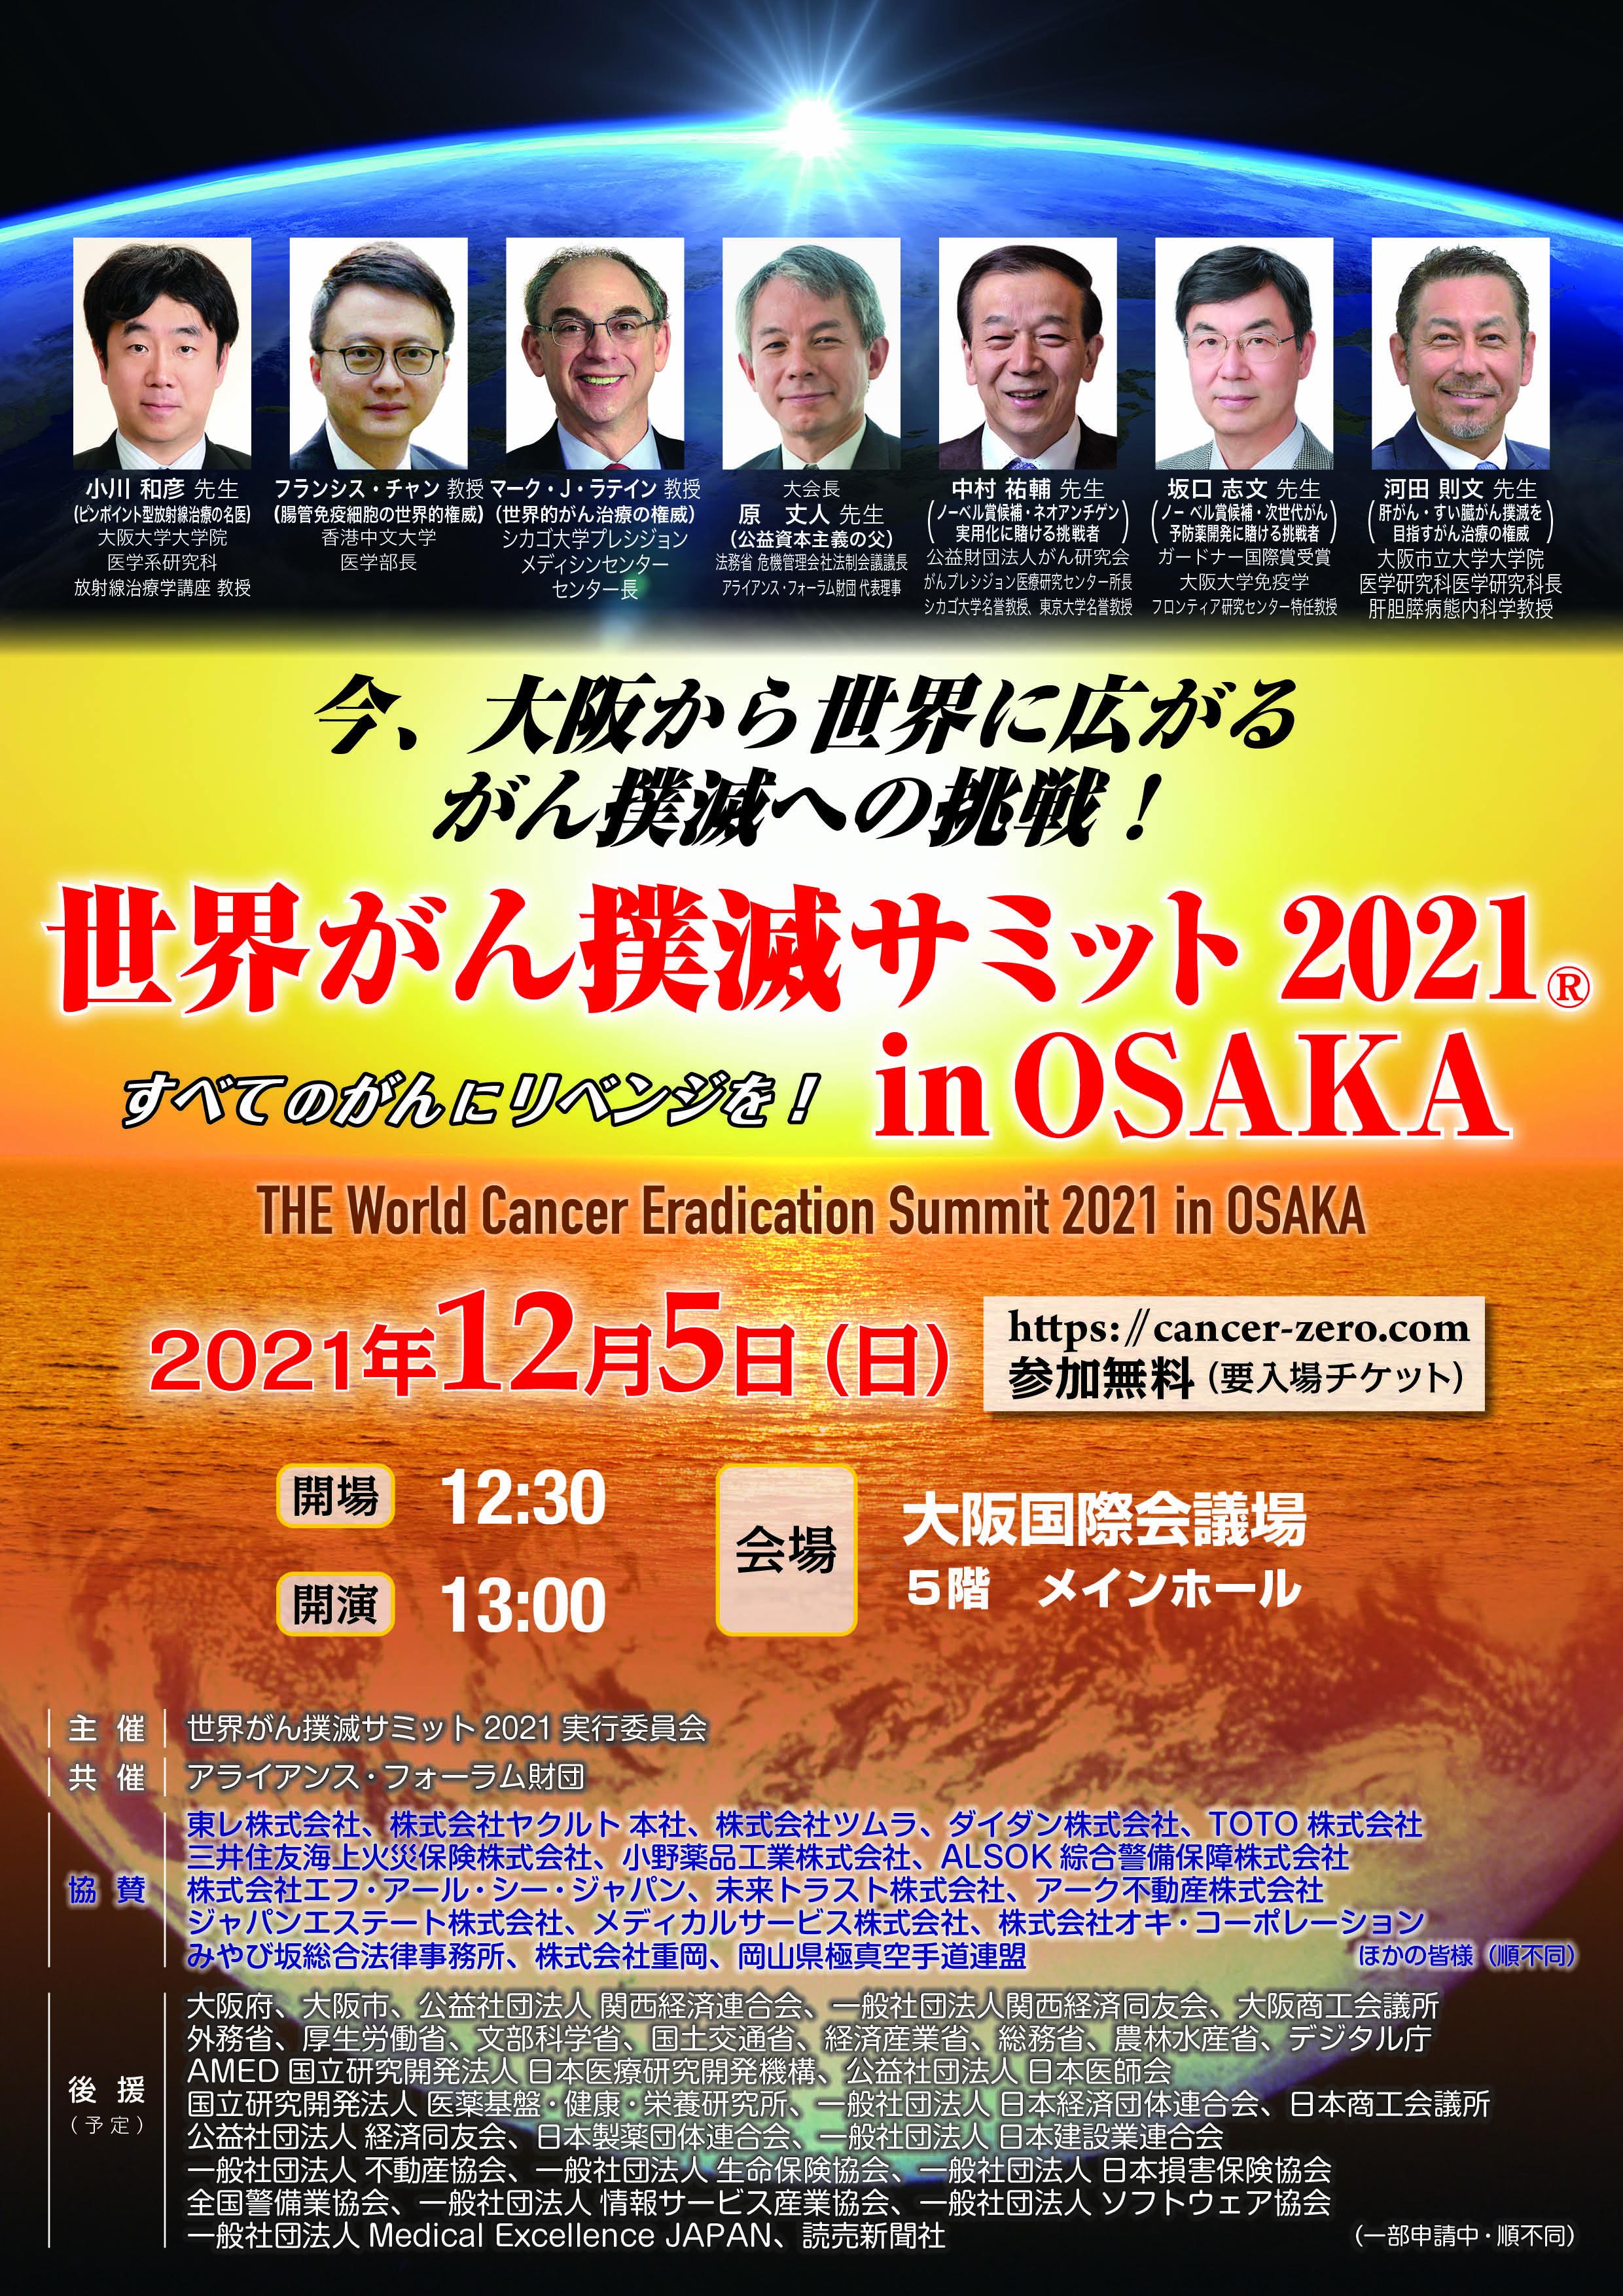 世界がん撲滅サミット2021 in OSAKA